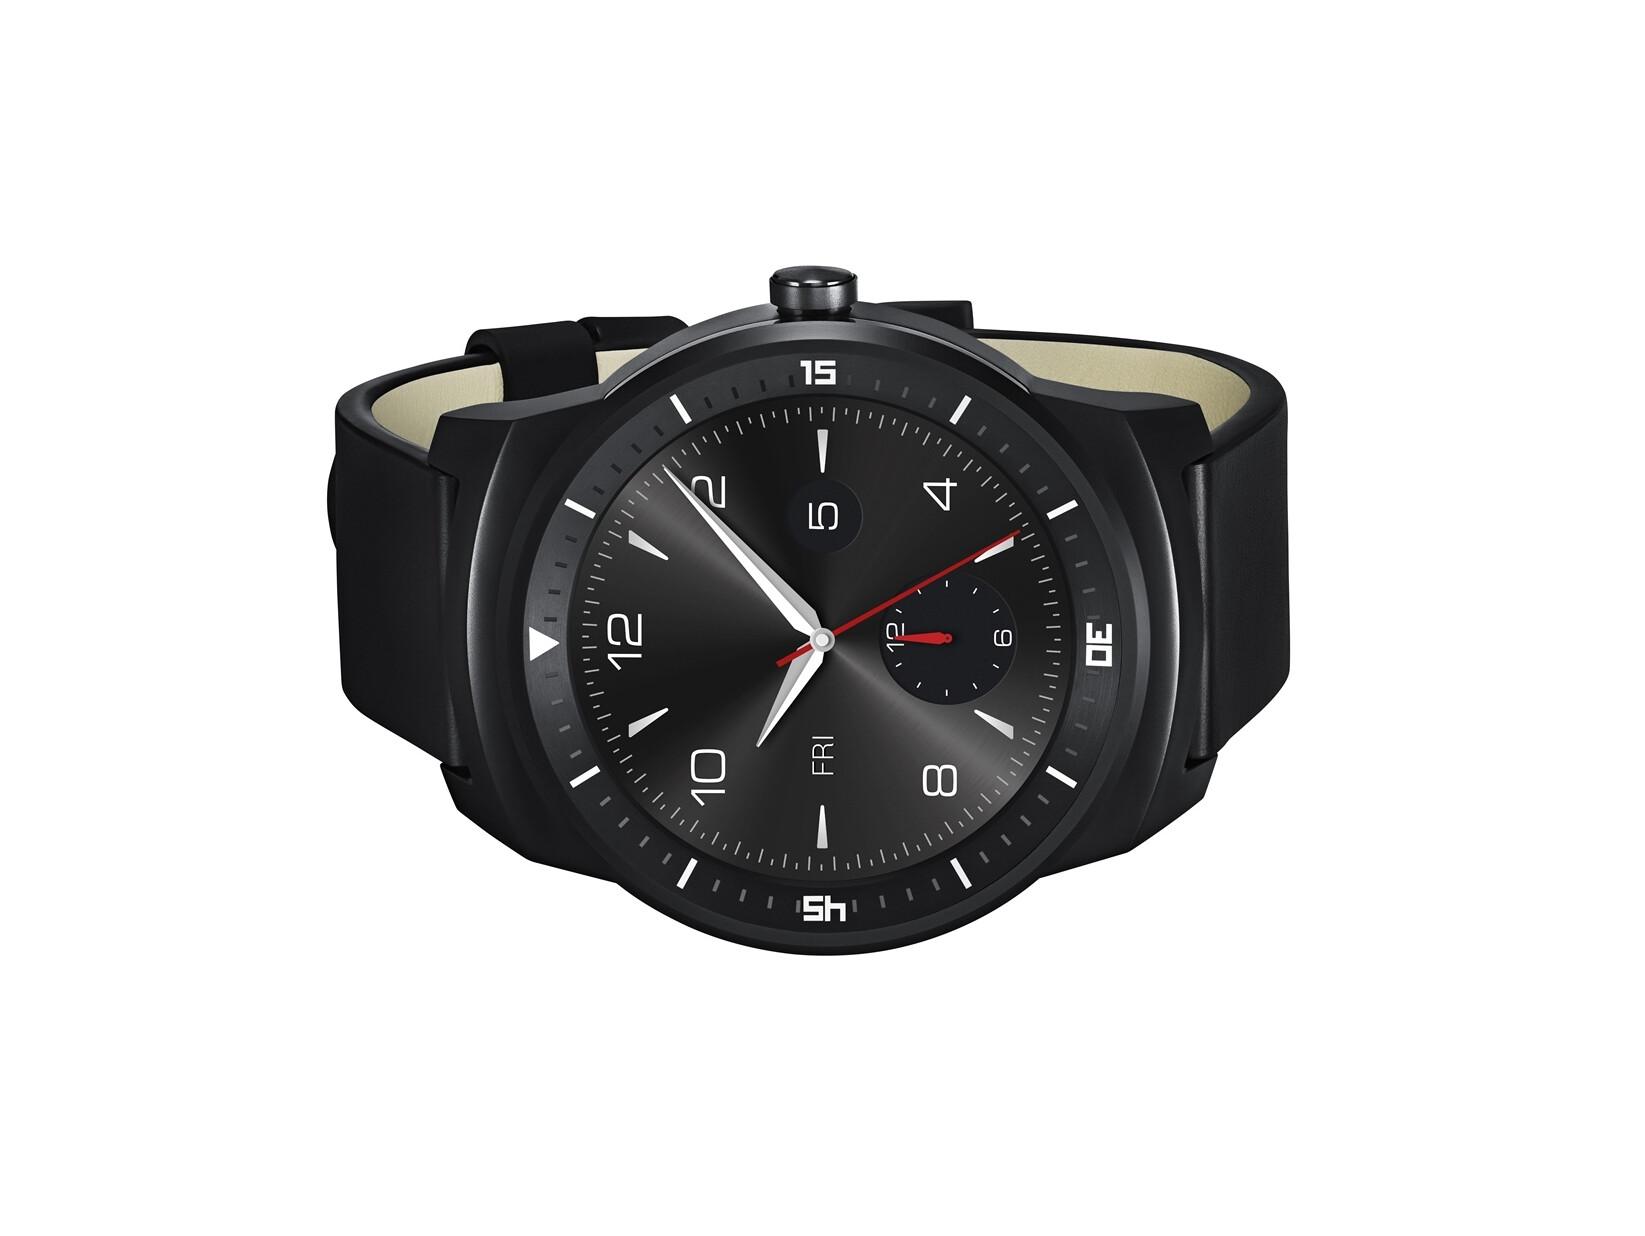 ساعت هوشمند G Watch R